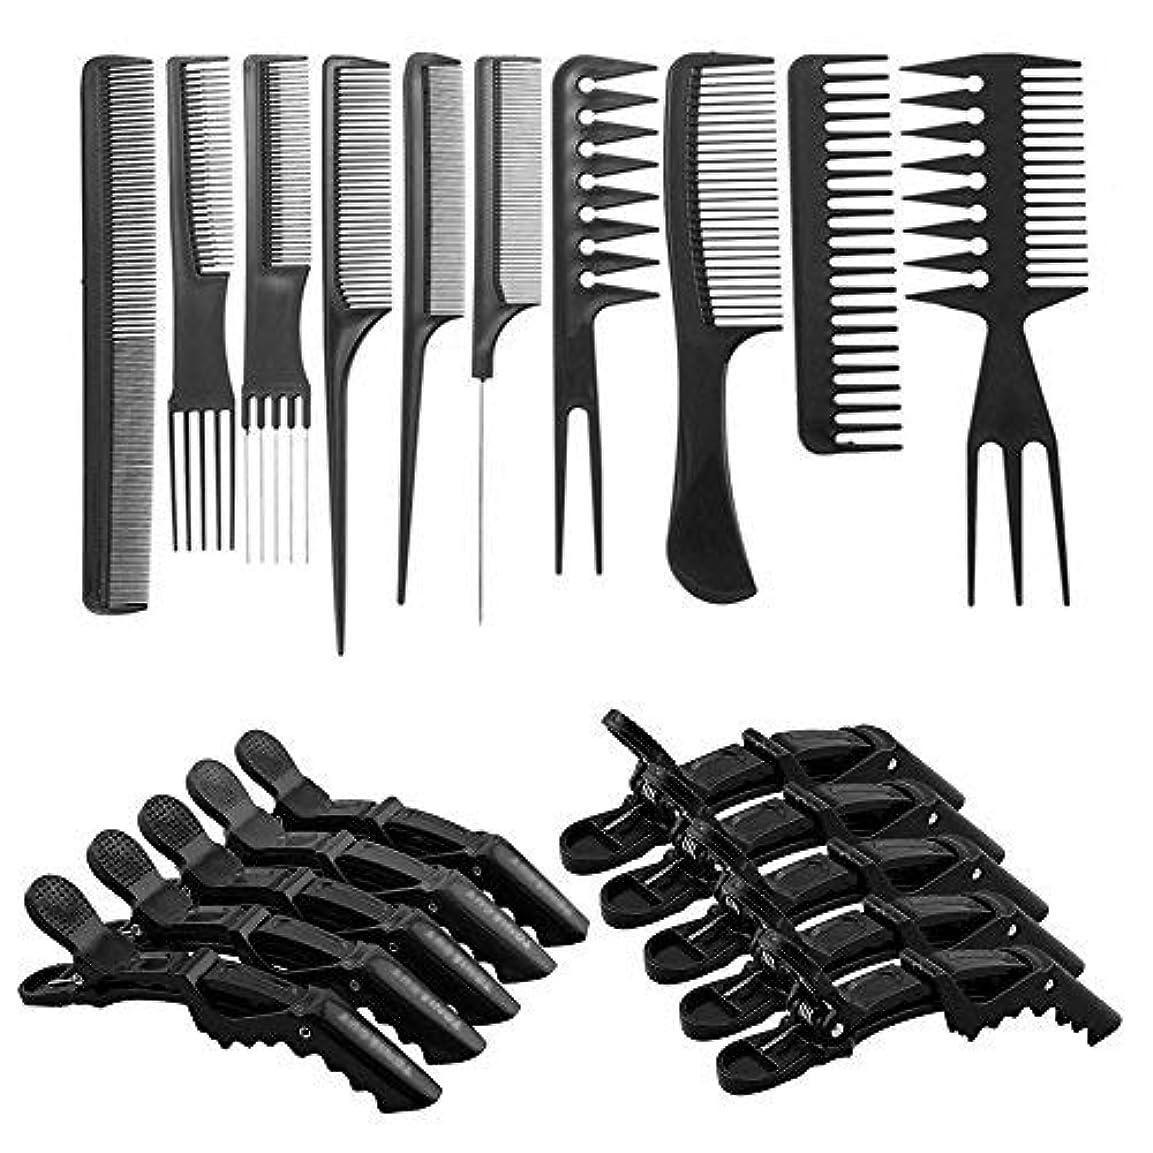 メダリストインタラクション喜劇10 Pcs Professional Hair Styling Comb Set with Styling Clips [並行輸入品]